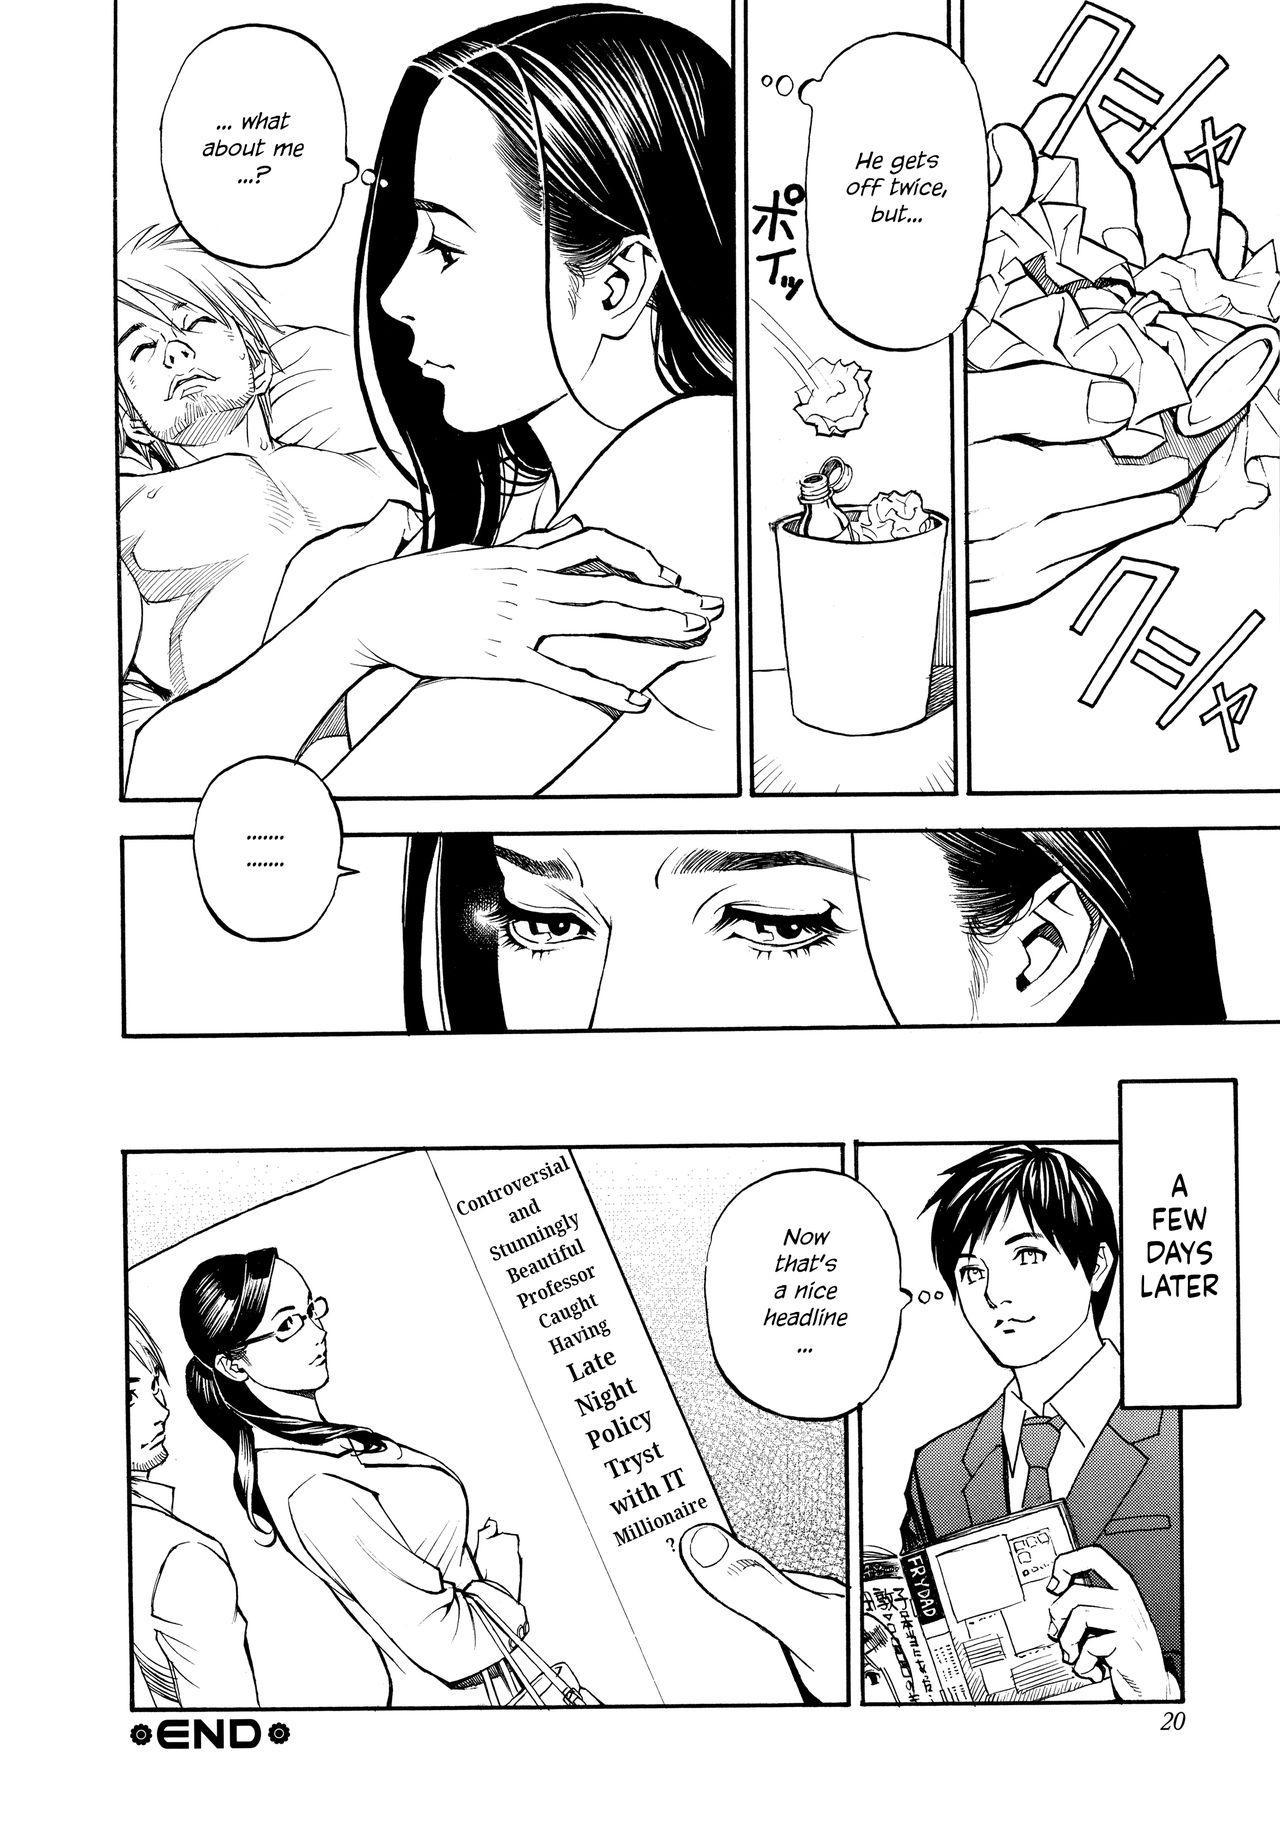 InY Akajuutan + Omake 21